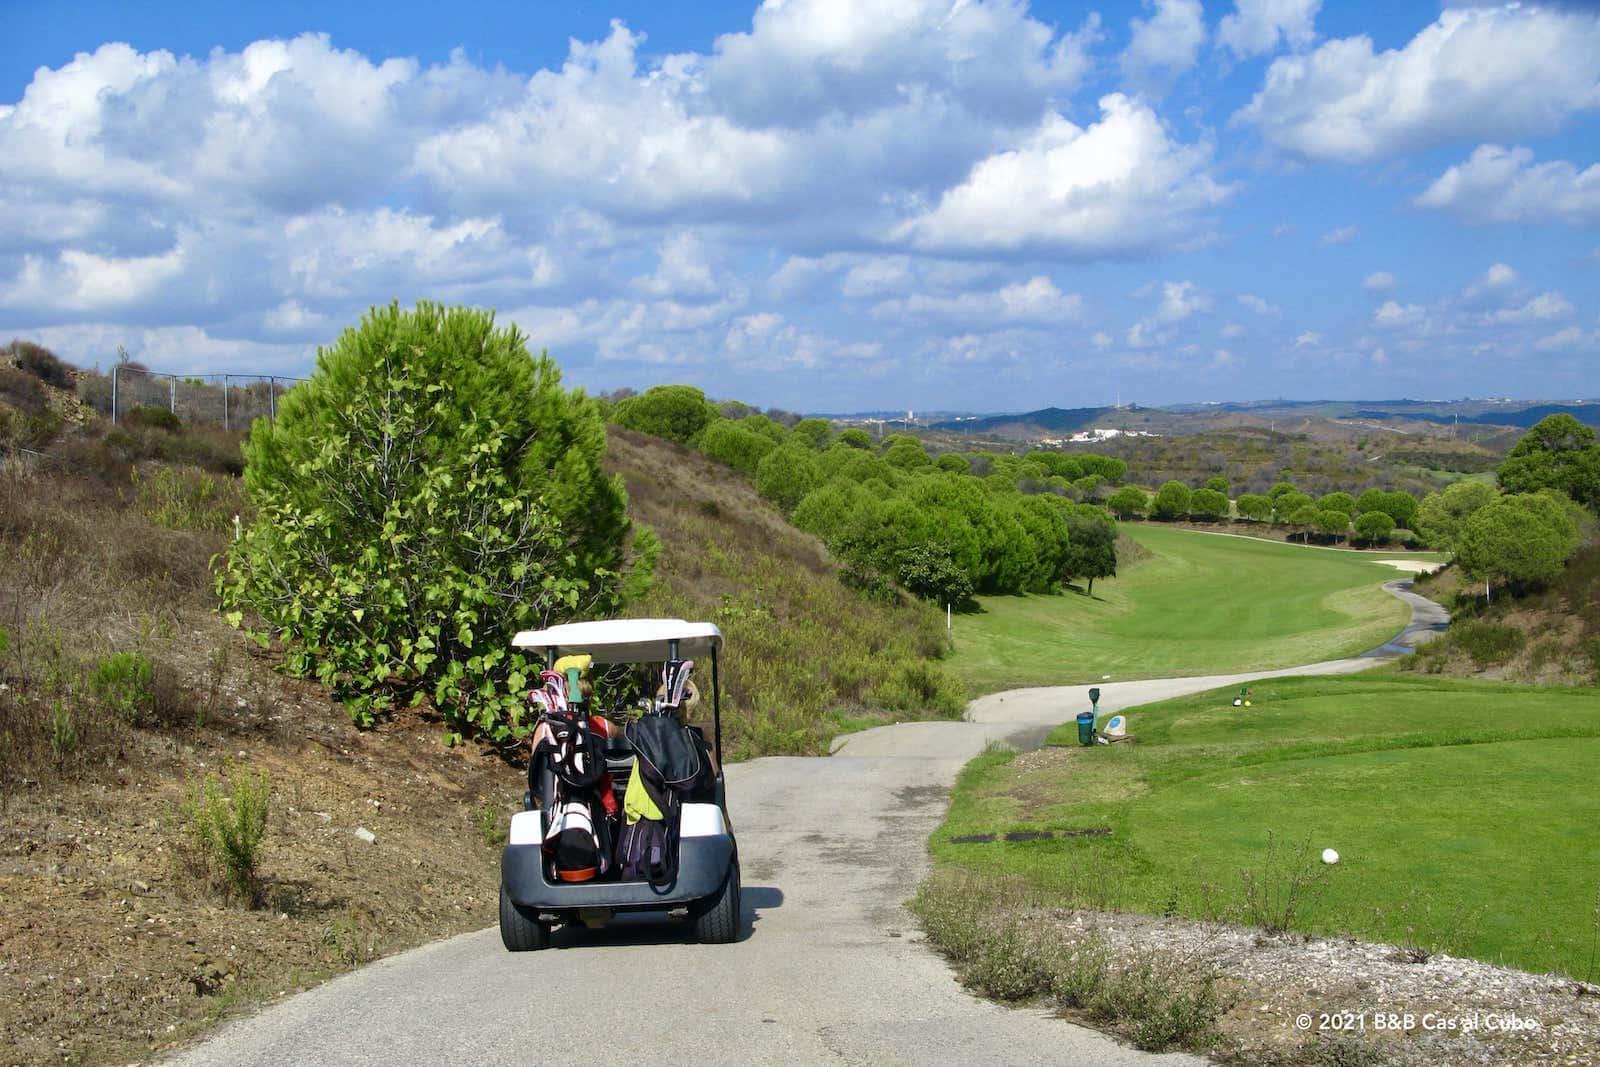 Golfbanen in de Algarve - Castrom Marim golf course - Buggy